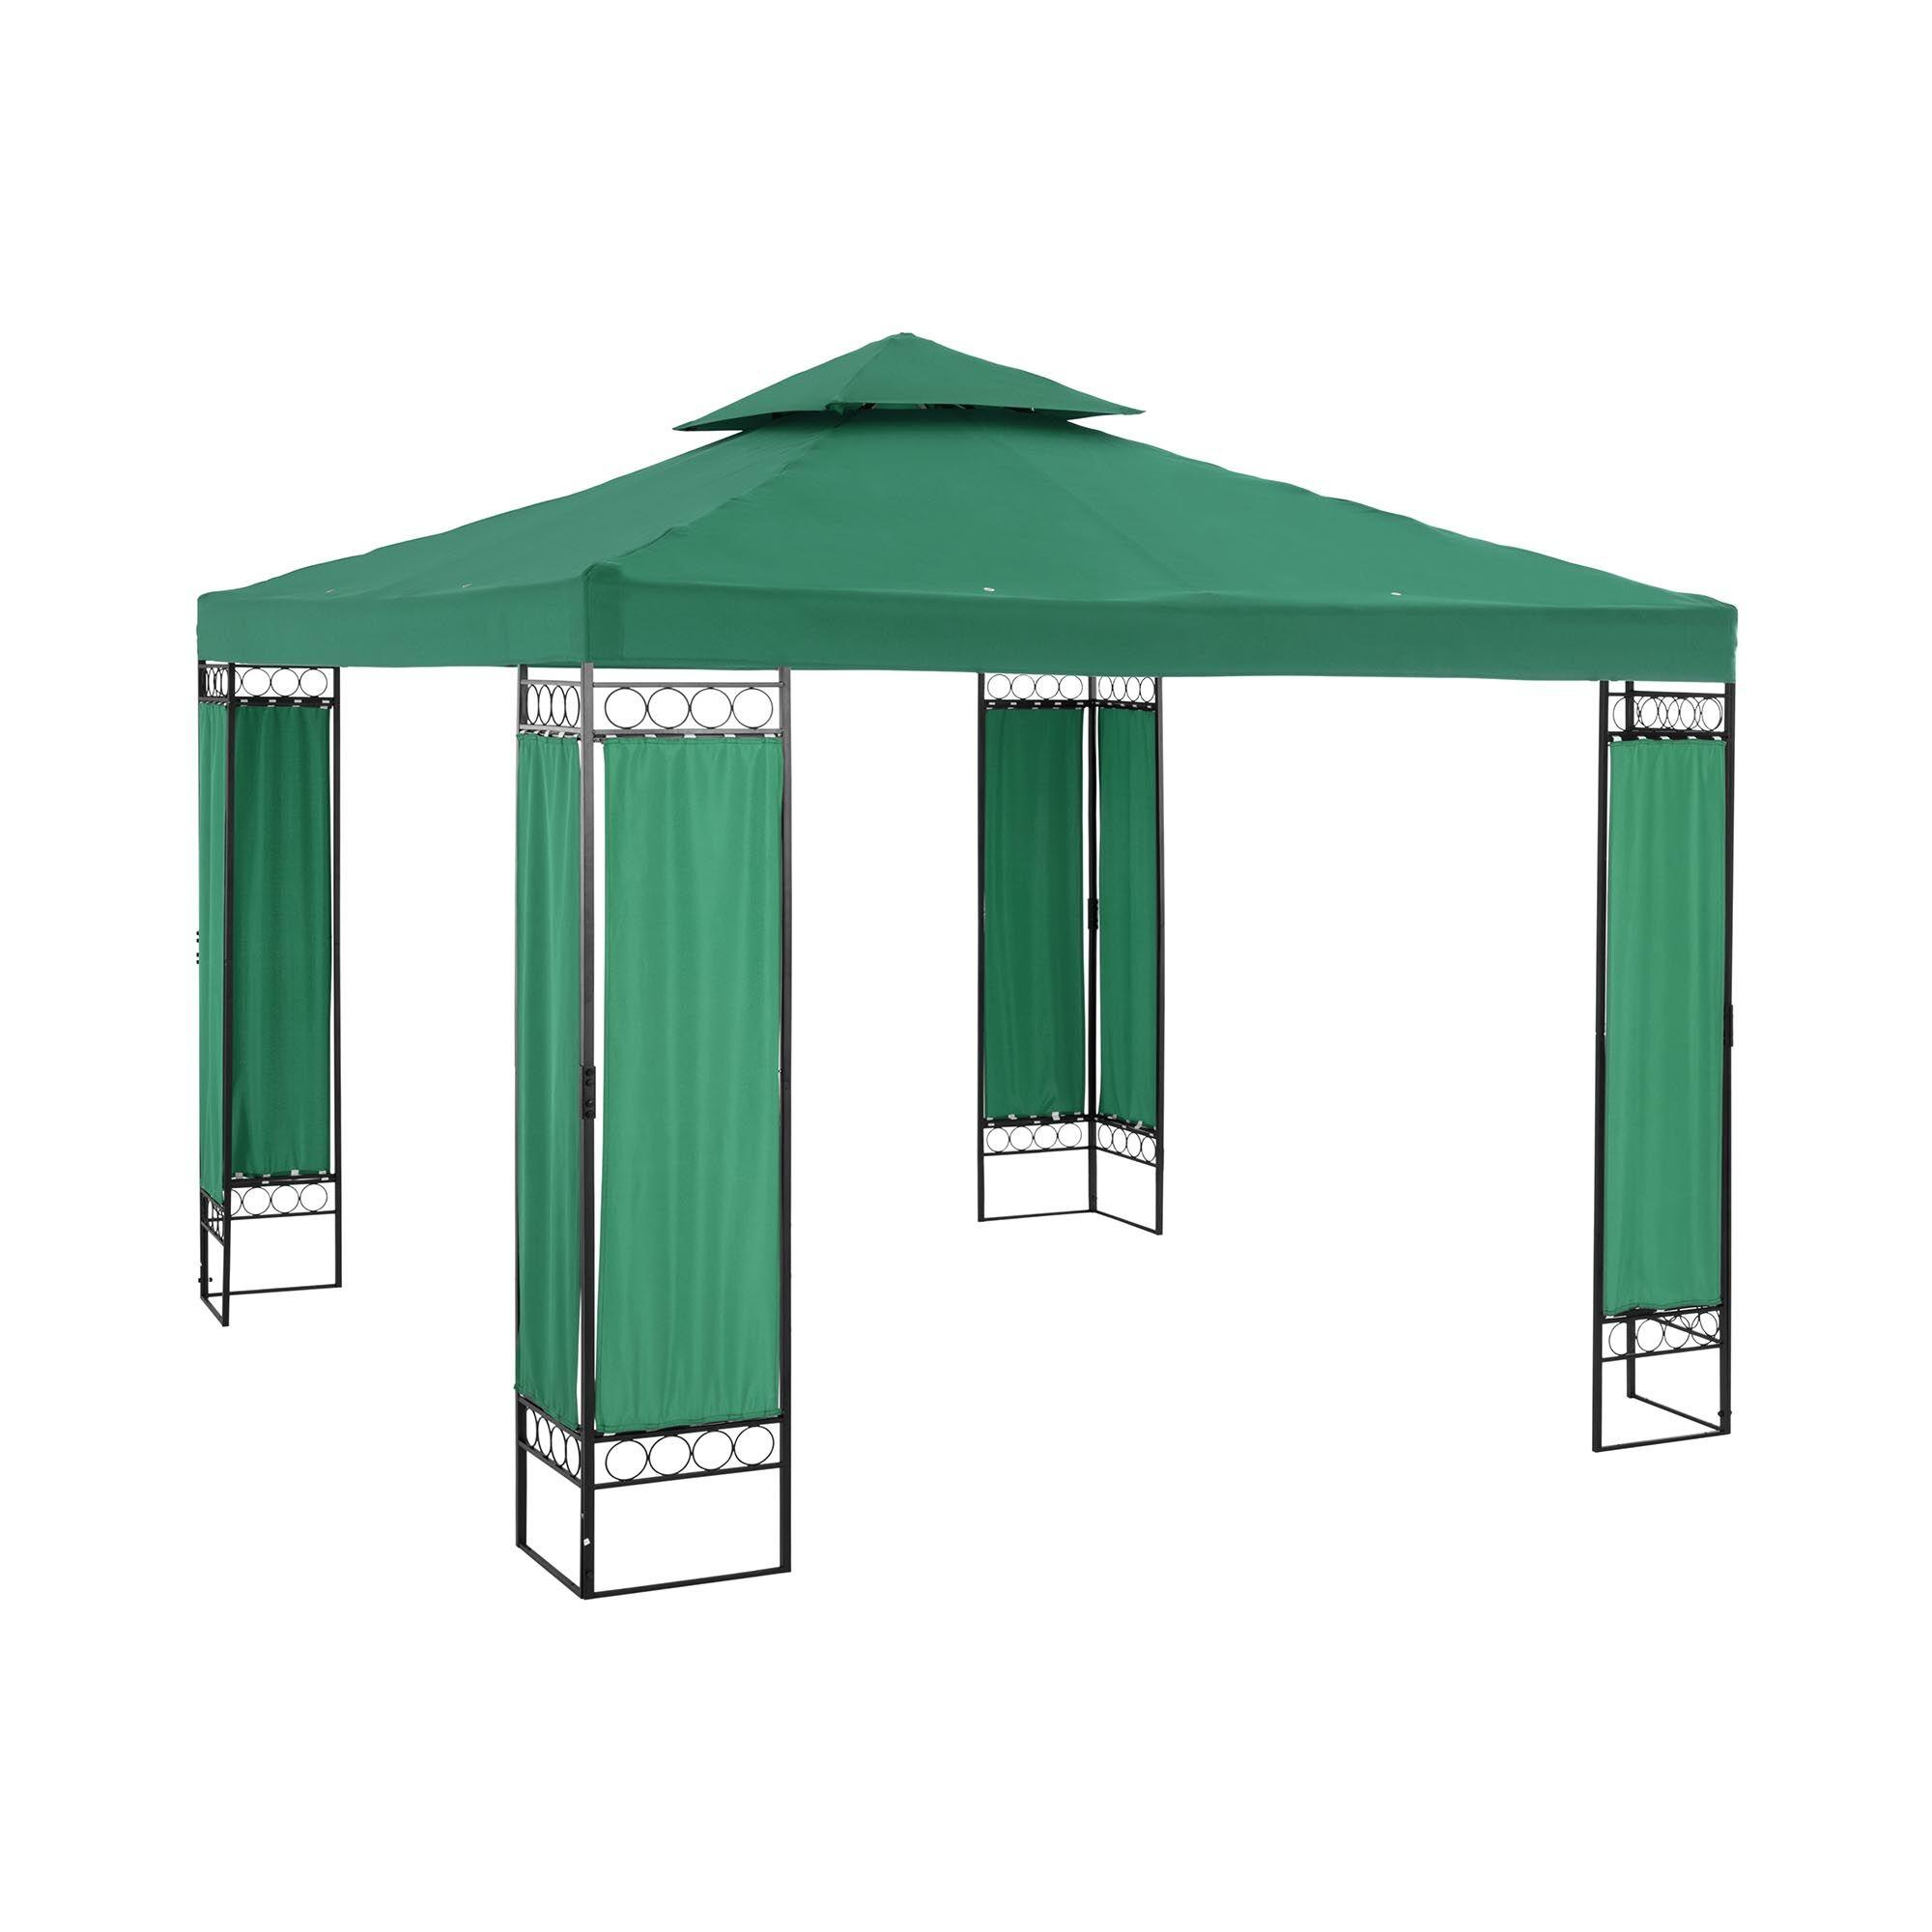 Uniprodo Telt-pavillon - 3 x 3 m - 160 g/m² - mørkegrøn UNI_PERGOLA_3X3GF